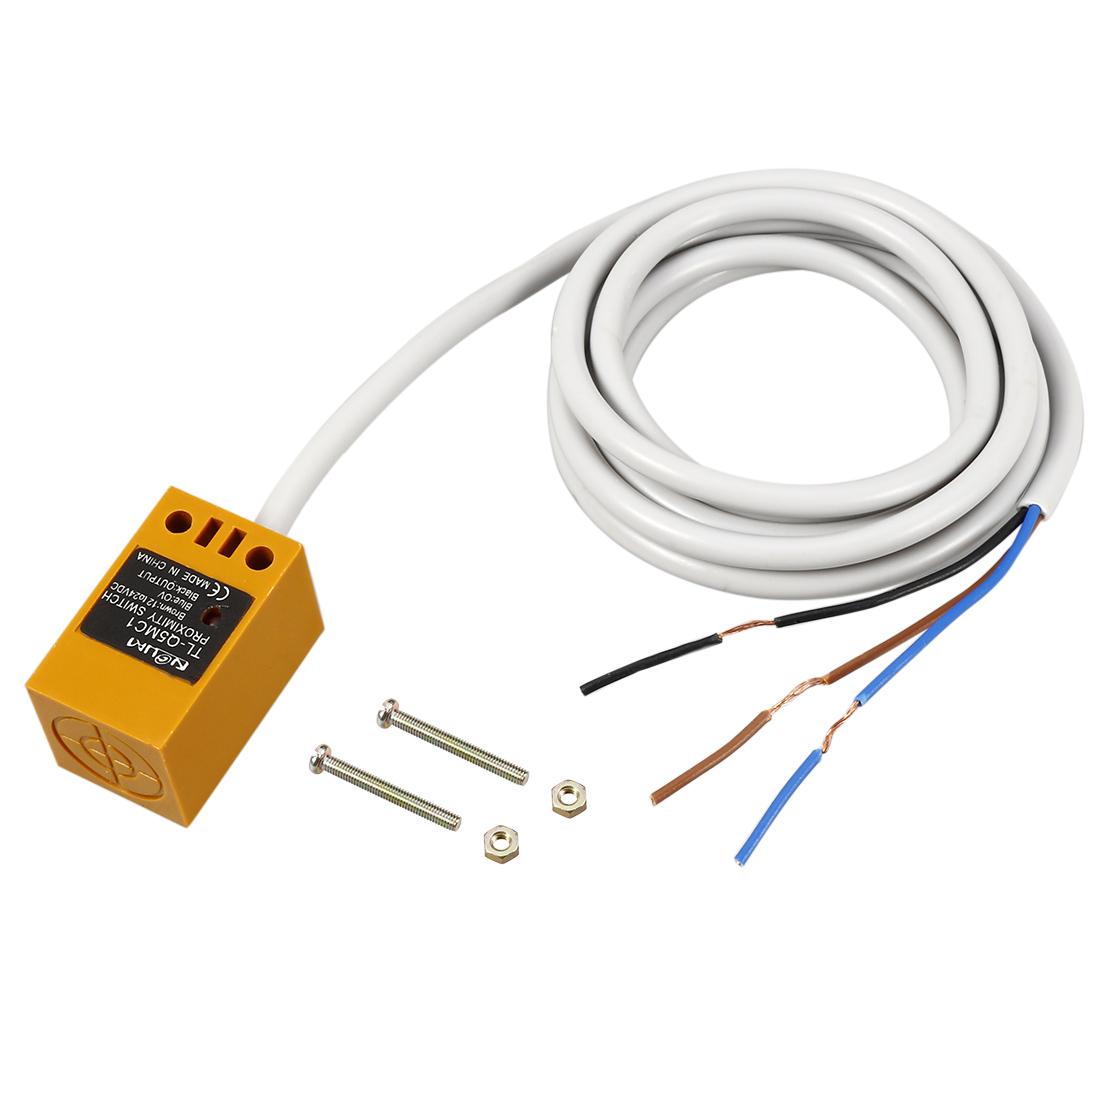 TL-Q5MC1 PNP NC 3-wire 5mm Inductive Proximity Sensor Switch Detector DC 12-24V